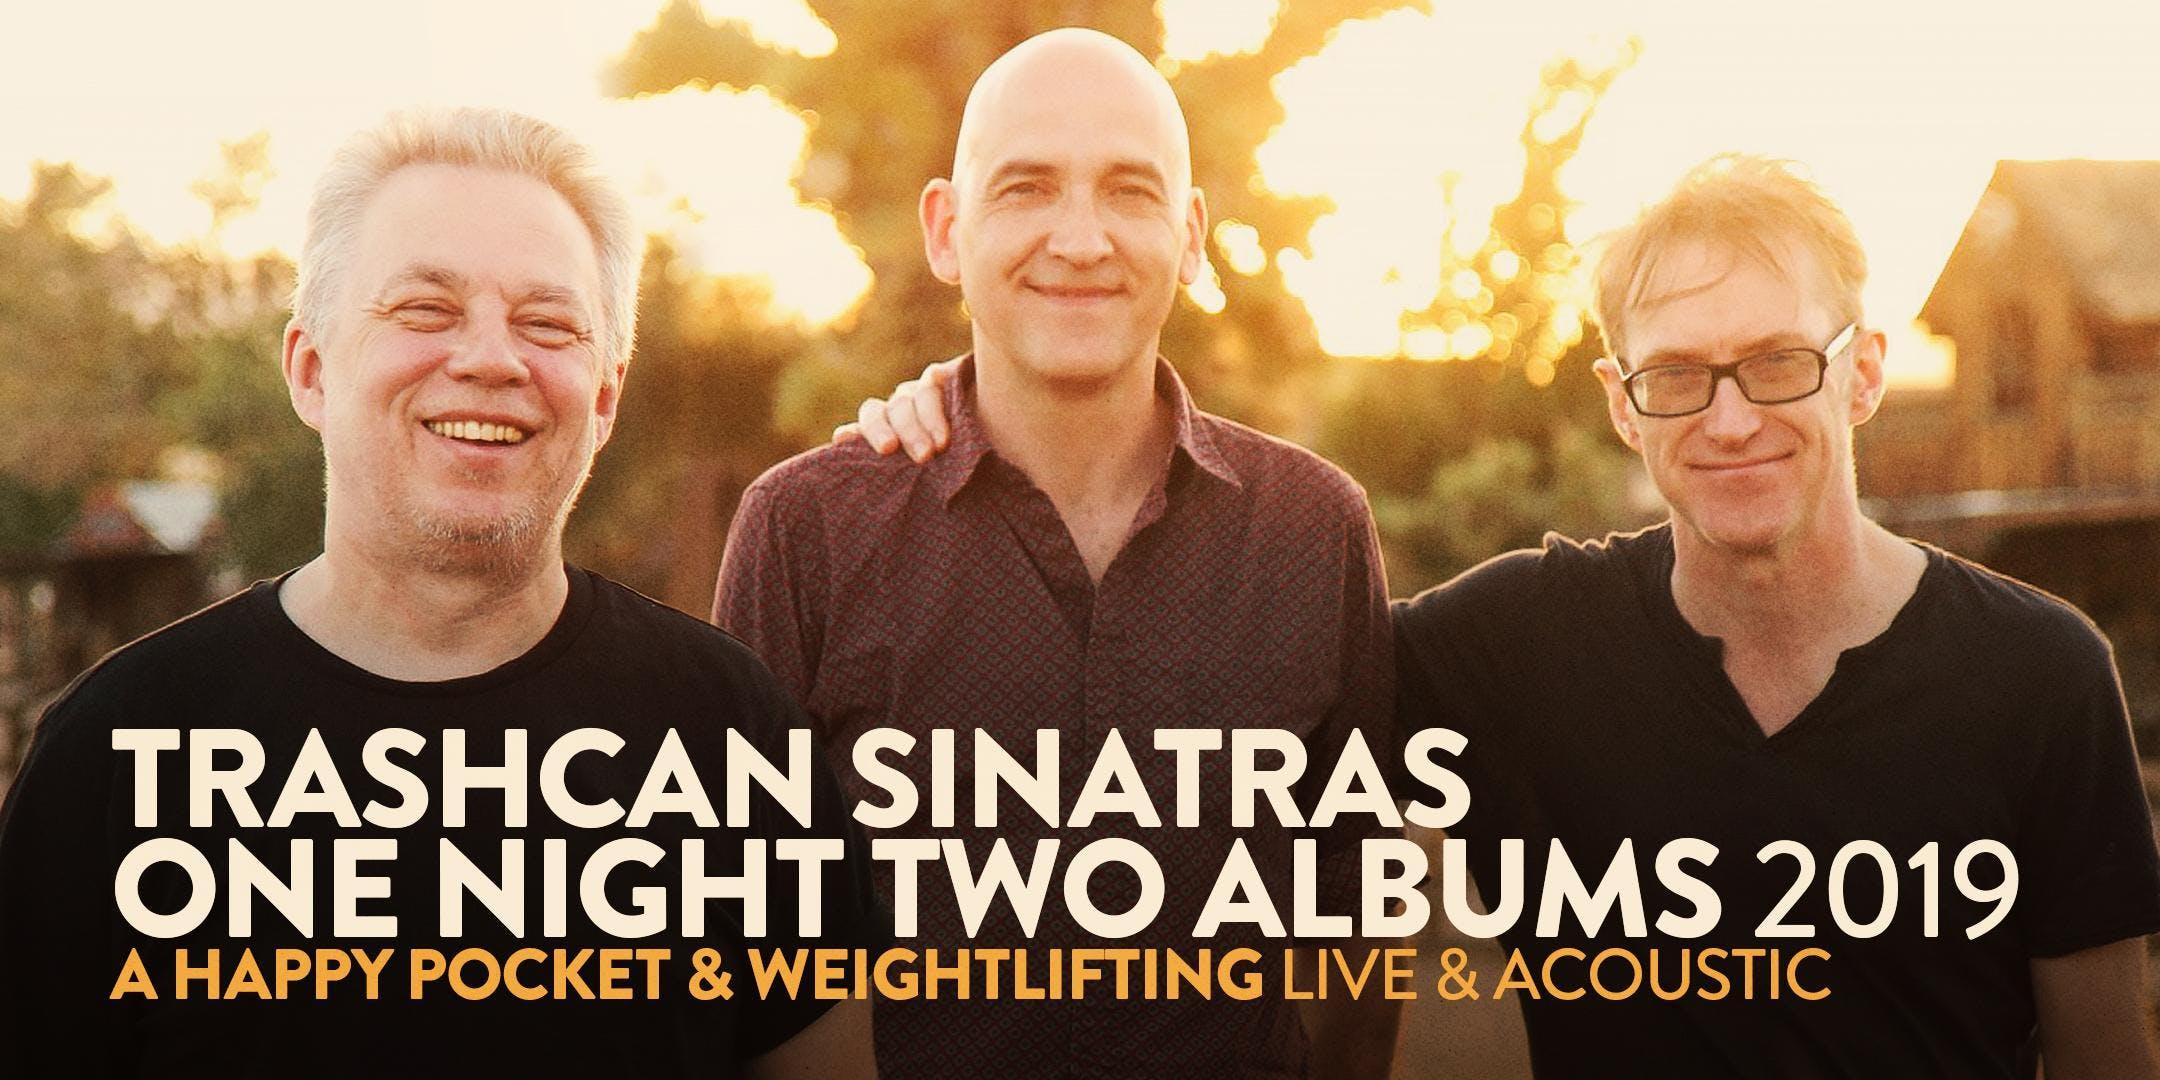 Trashcan Sinatras - VIP upgrade (San Diego, CA) - 11/17/19